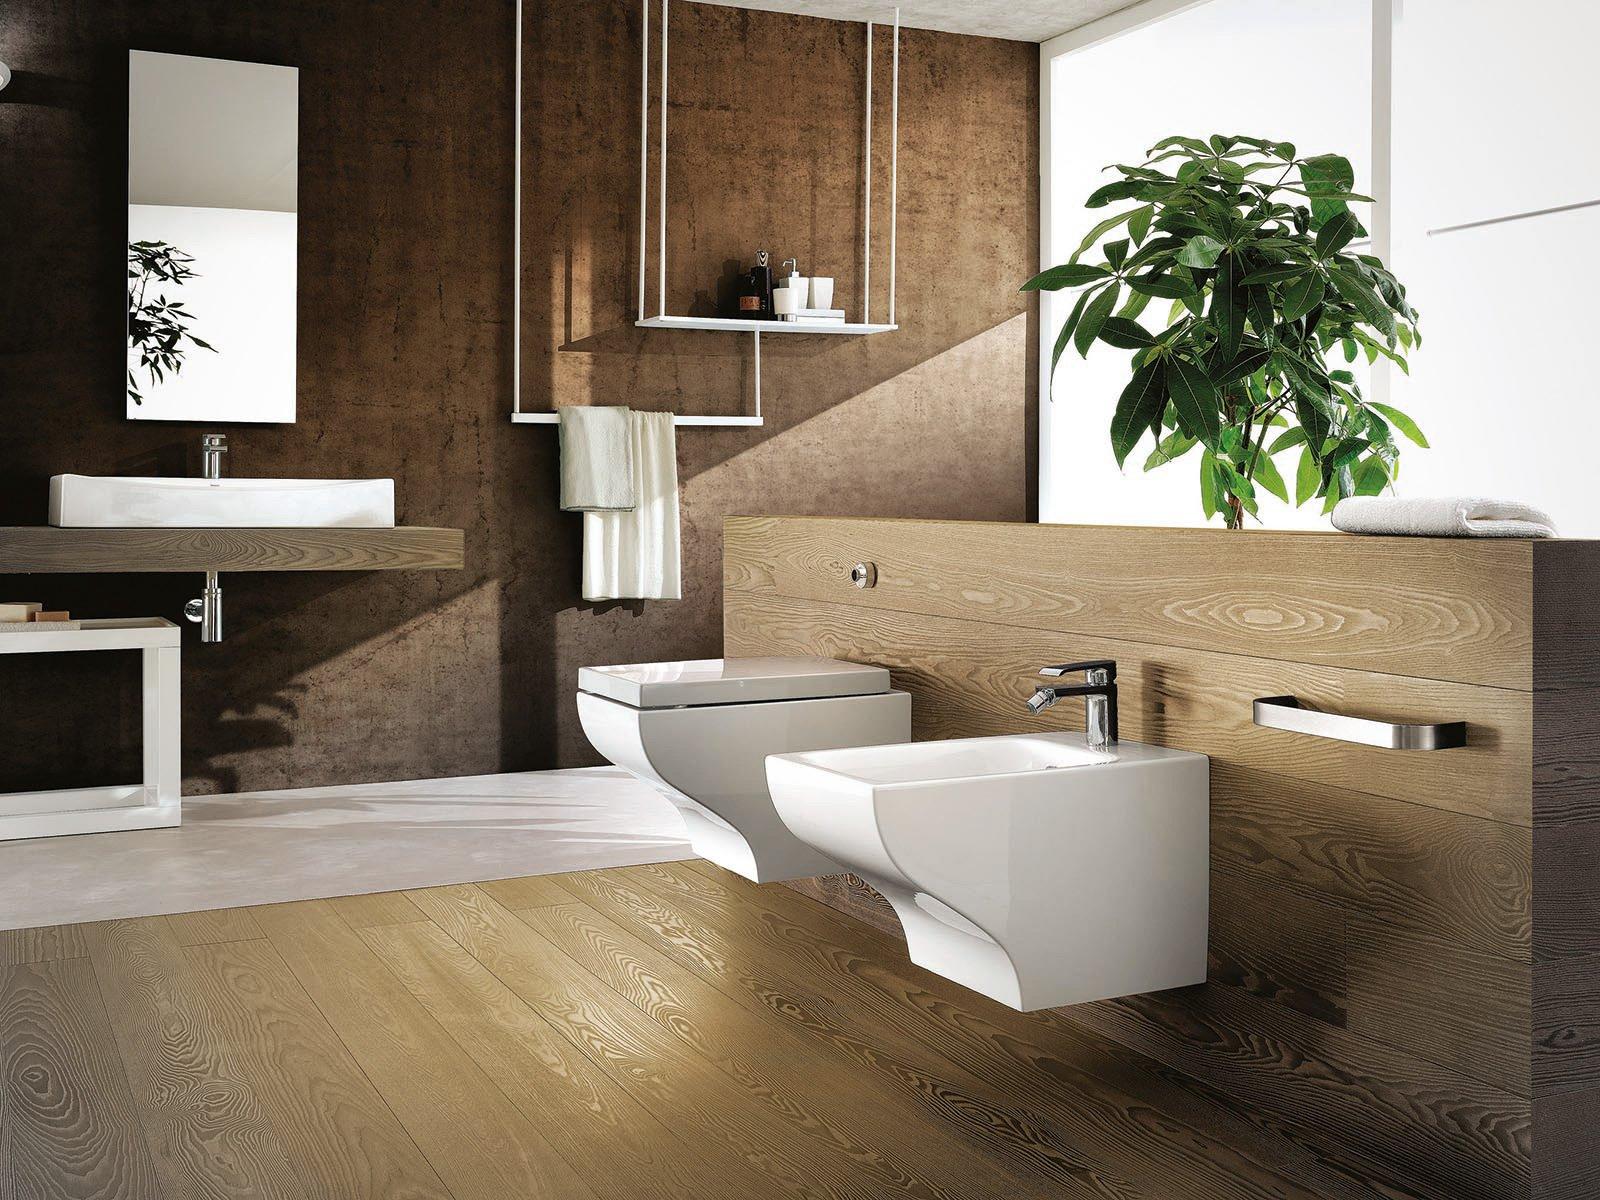 Sanitari sospesi per un bagno contemporaneo cose di casa - Bagno contemporaneo ...